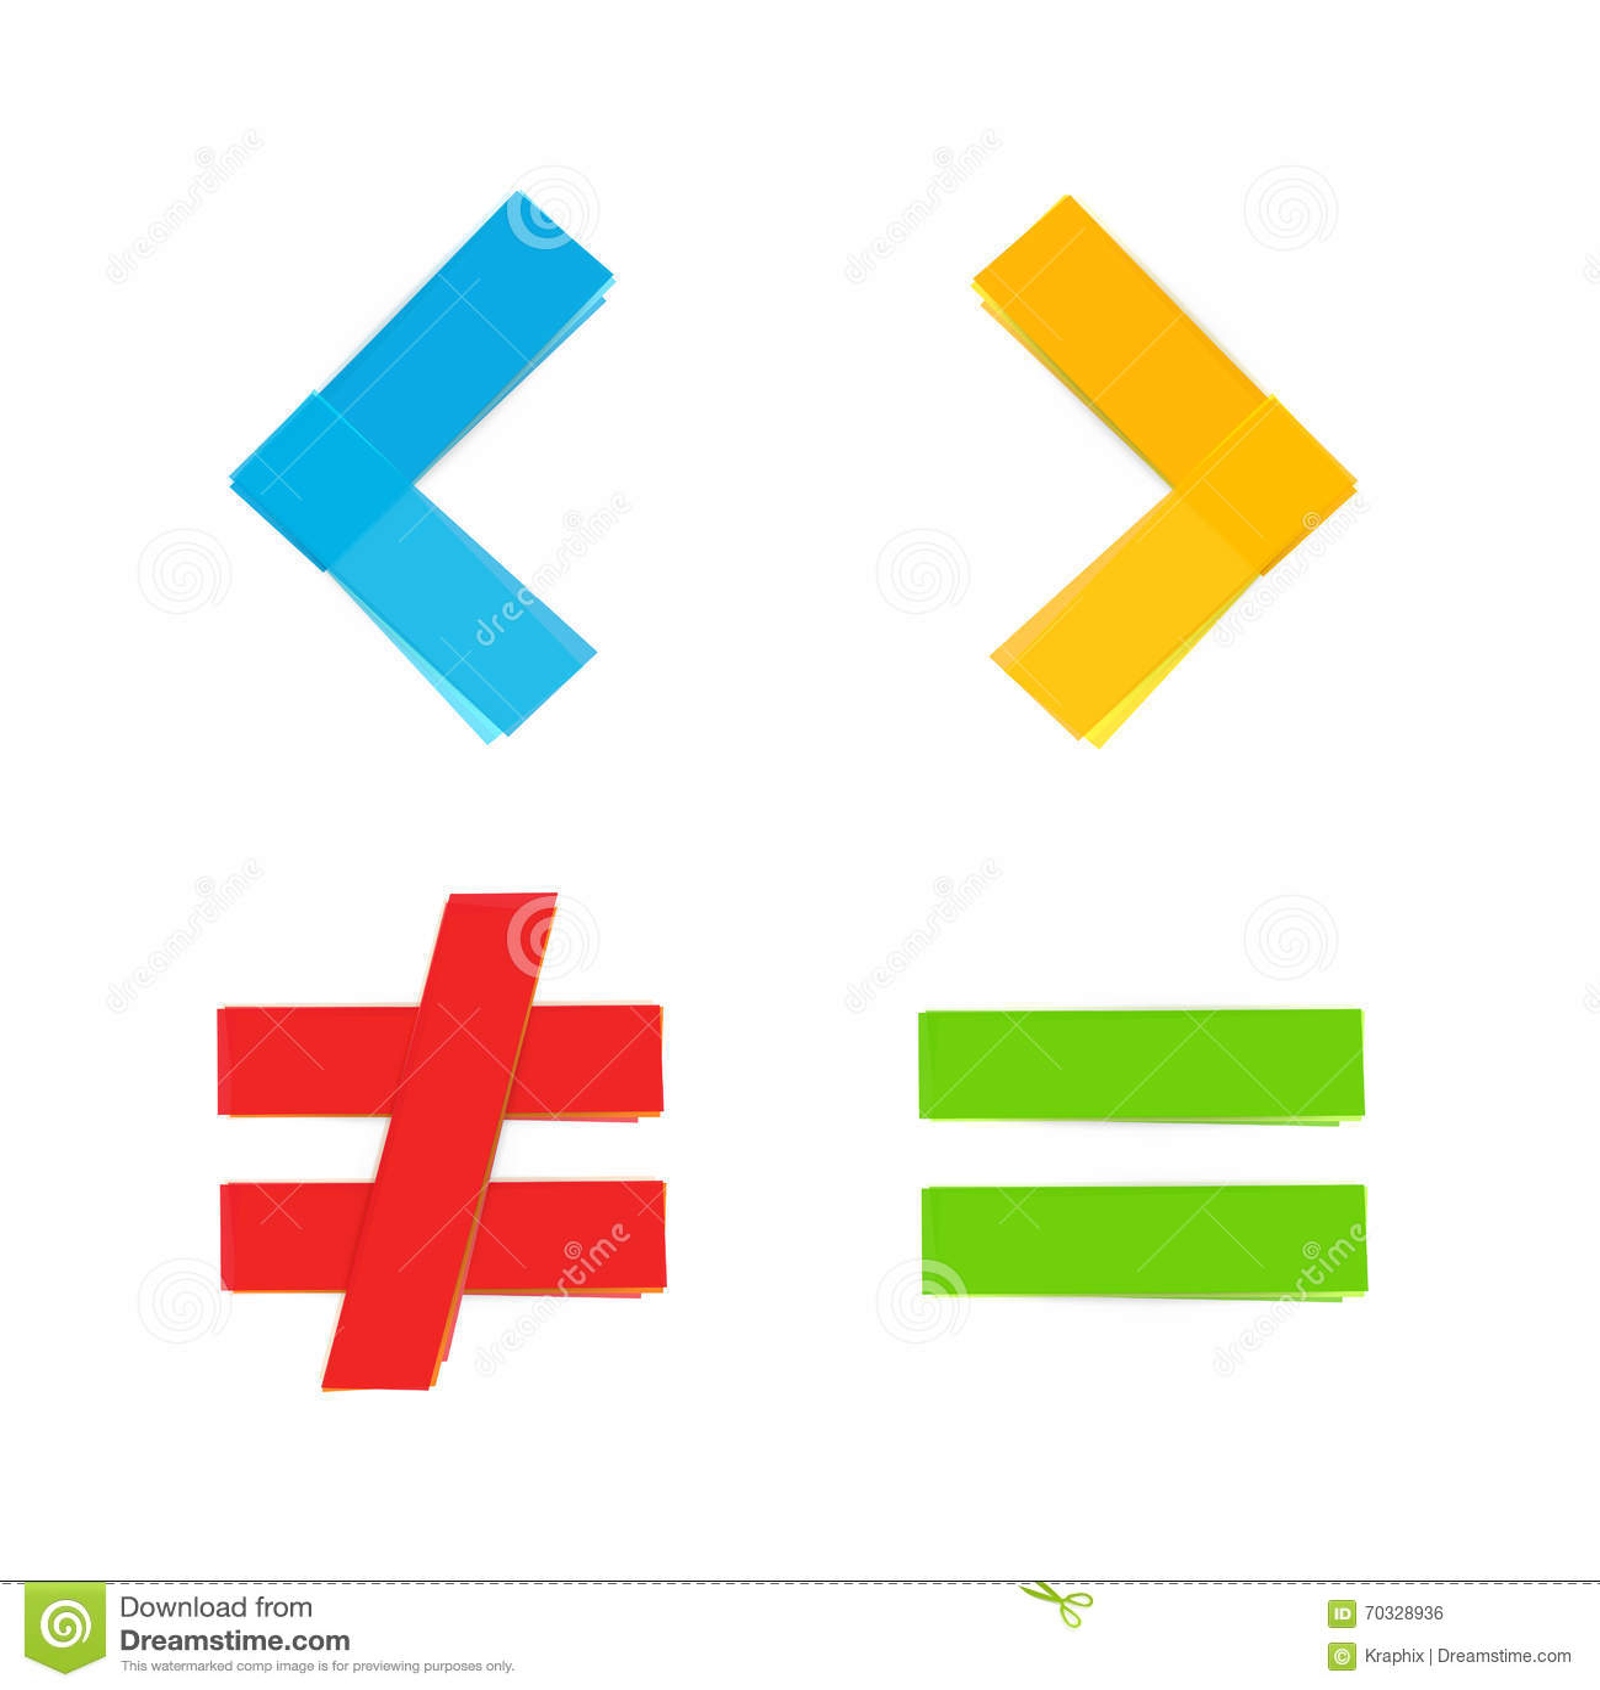 Podstawowy matematycznie symboli/lów równy mniej wielki